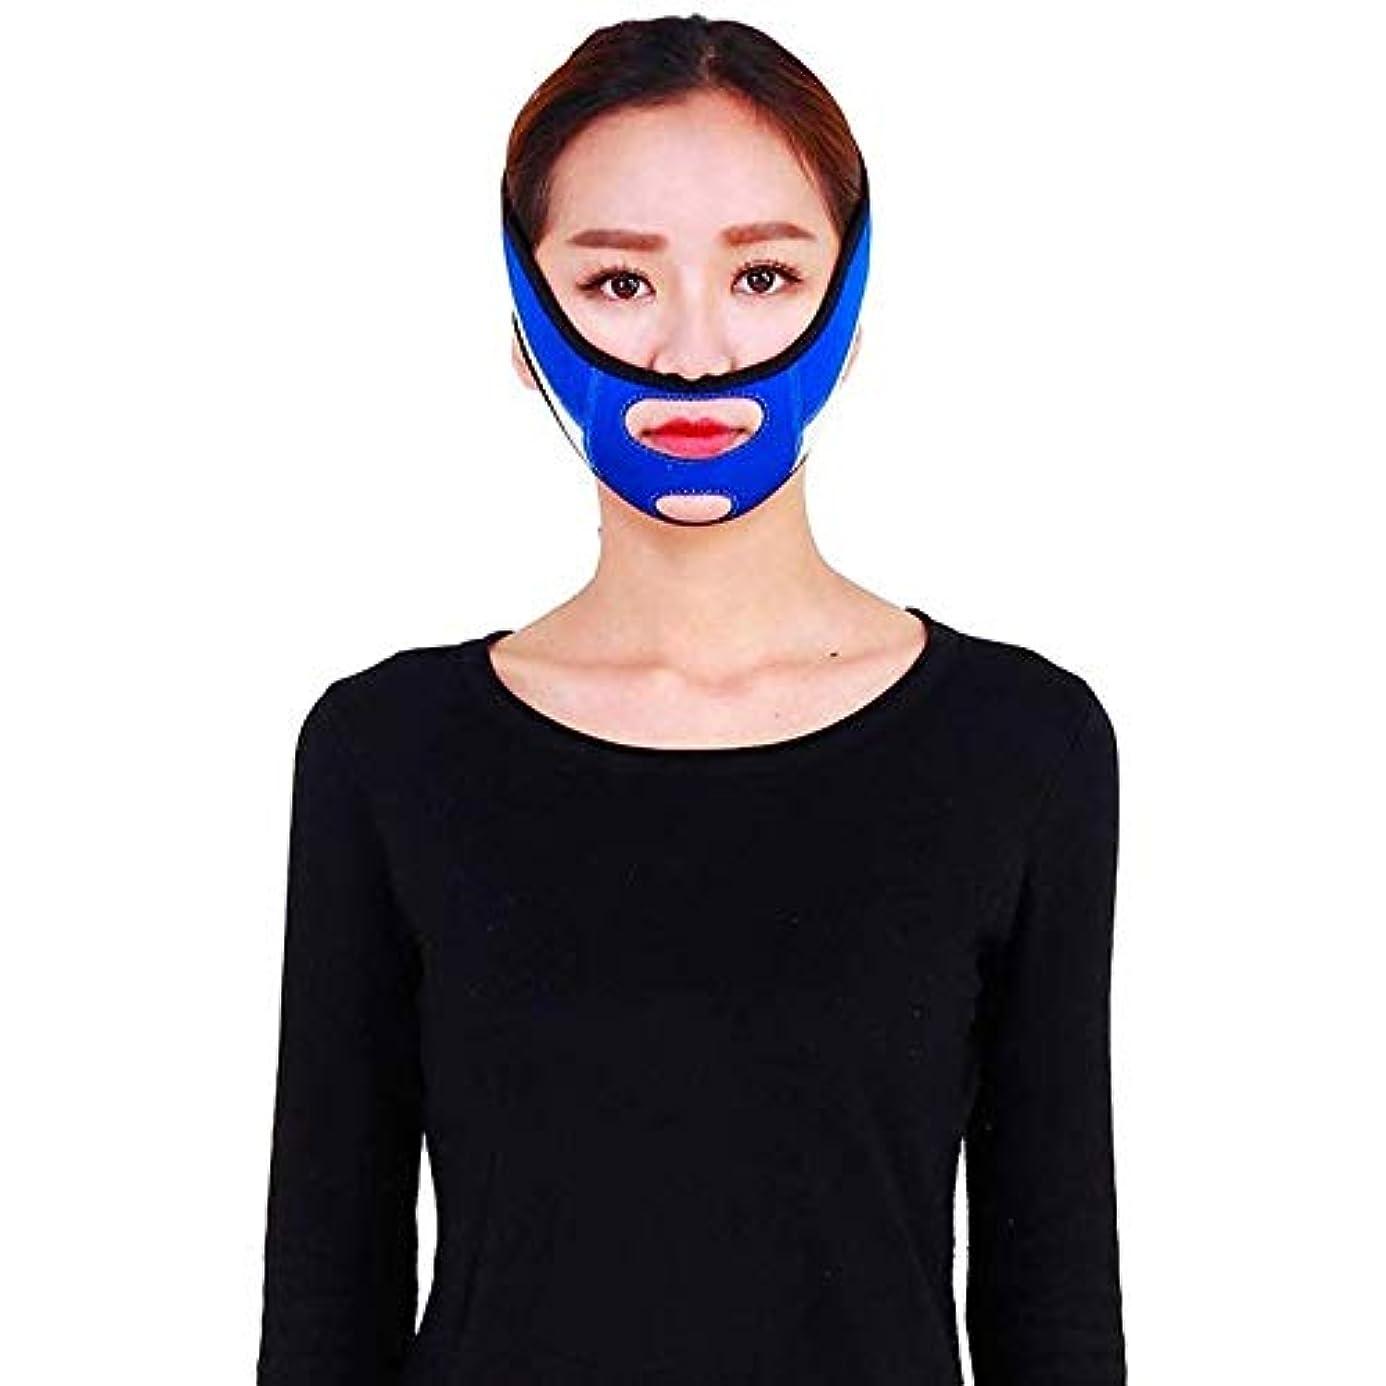 紳士気取りの、きざなモナリザ所得WSJTT 女性のための顔のリフティングベルト、Vラインチンチークリフトアップバンドアンチリンクル包帯、スリミング包帯二重あごケア減量Vフェイスベルト補正ベルト